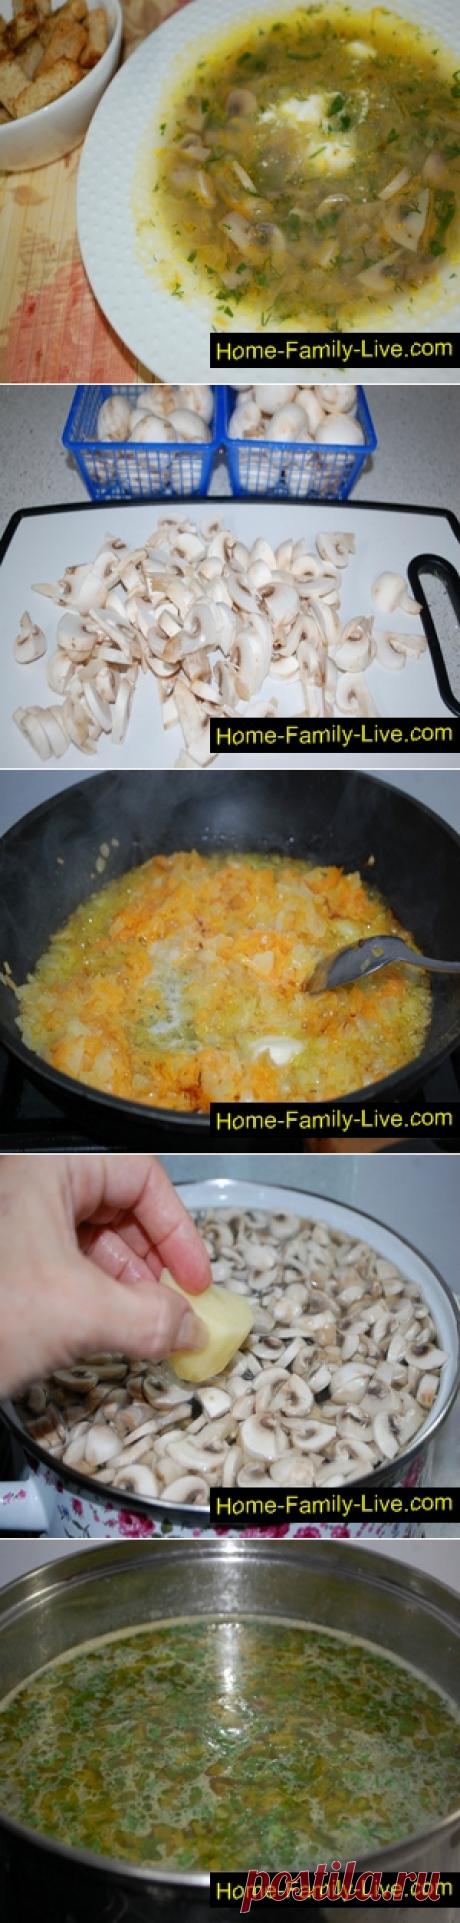 Суп пюре с грибами - пошаговый рецепт с фотоКулинарные рецепты